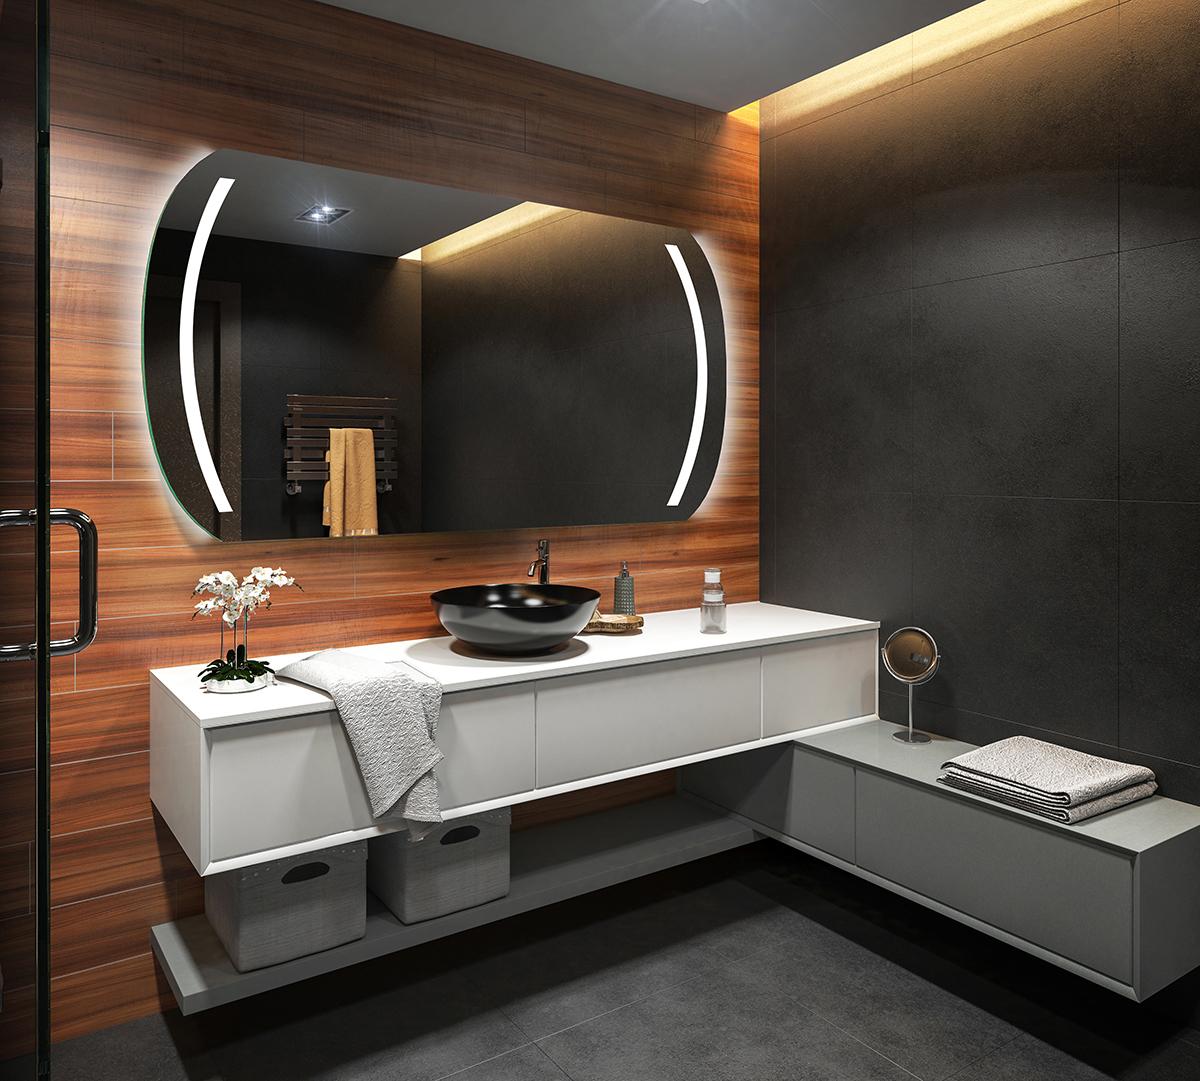 Espejo de ba o moderno e iluminado fabricado a medida con - Espejos para banos modernos ...